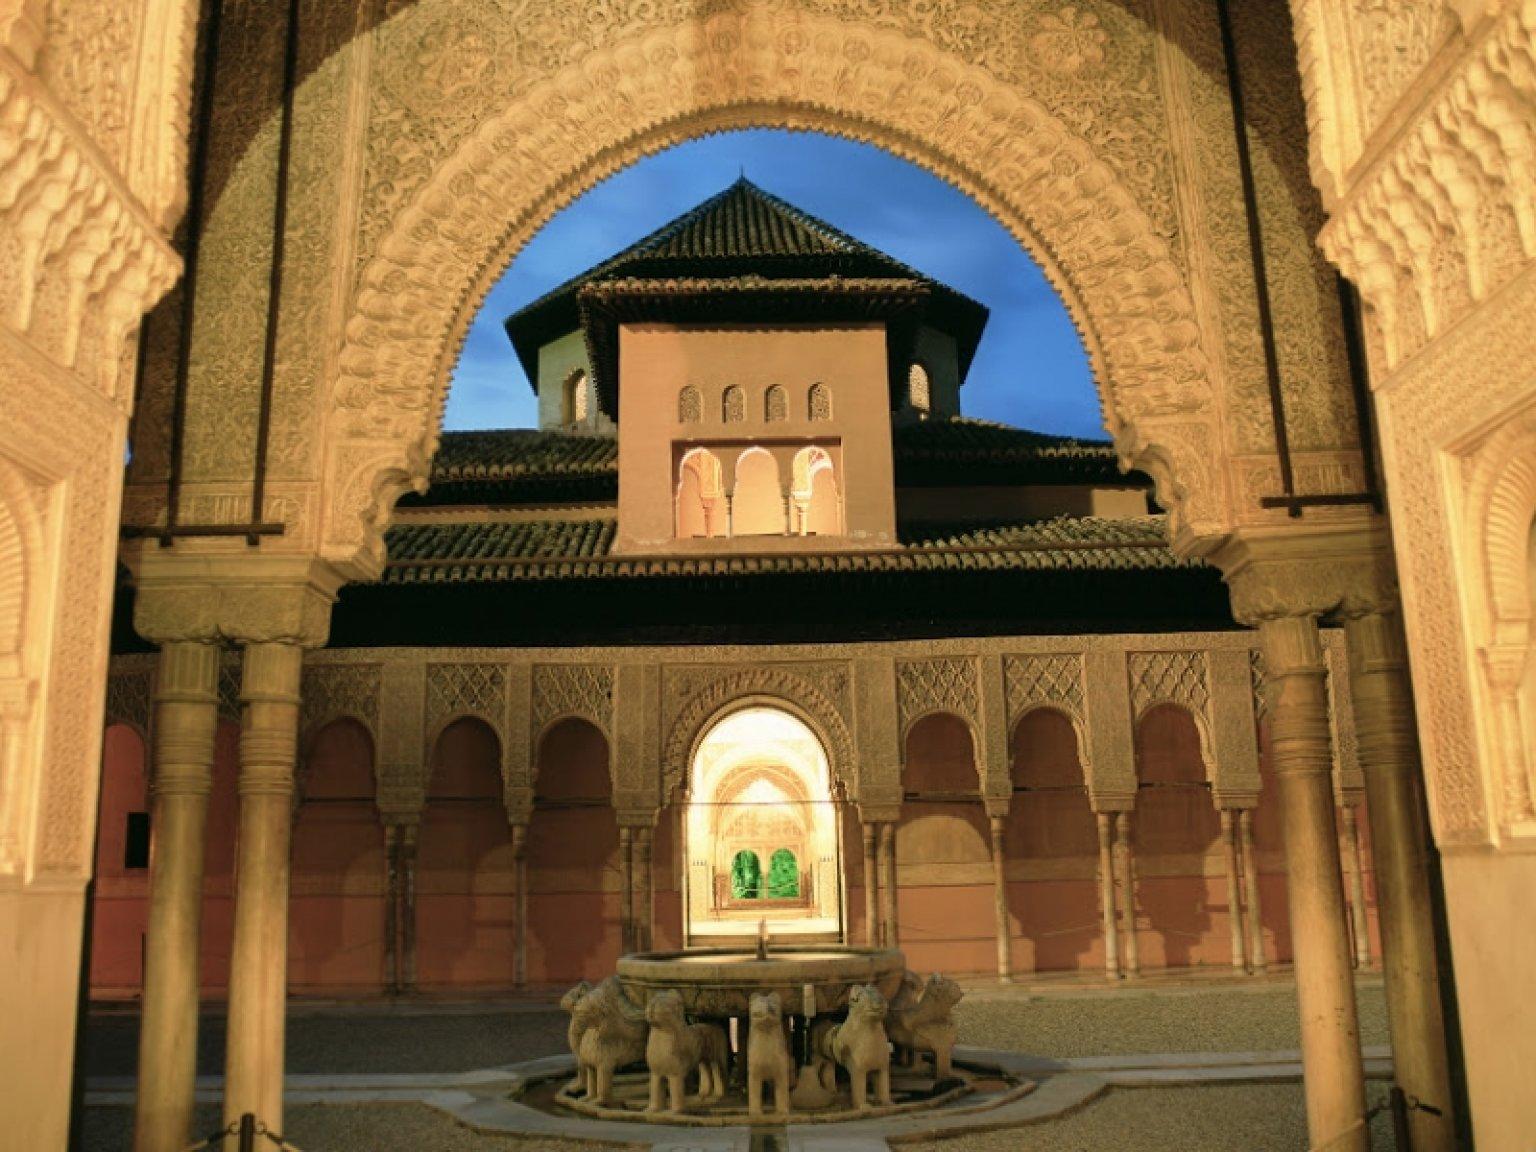 Visita guiada nocturna a la alhambra - Visita nocturna mezquita de cordoba ...